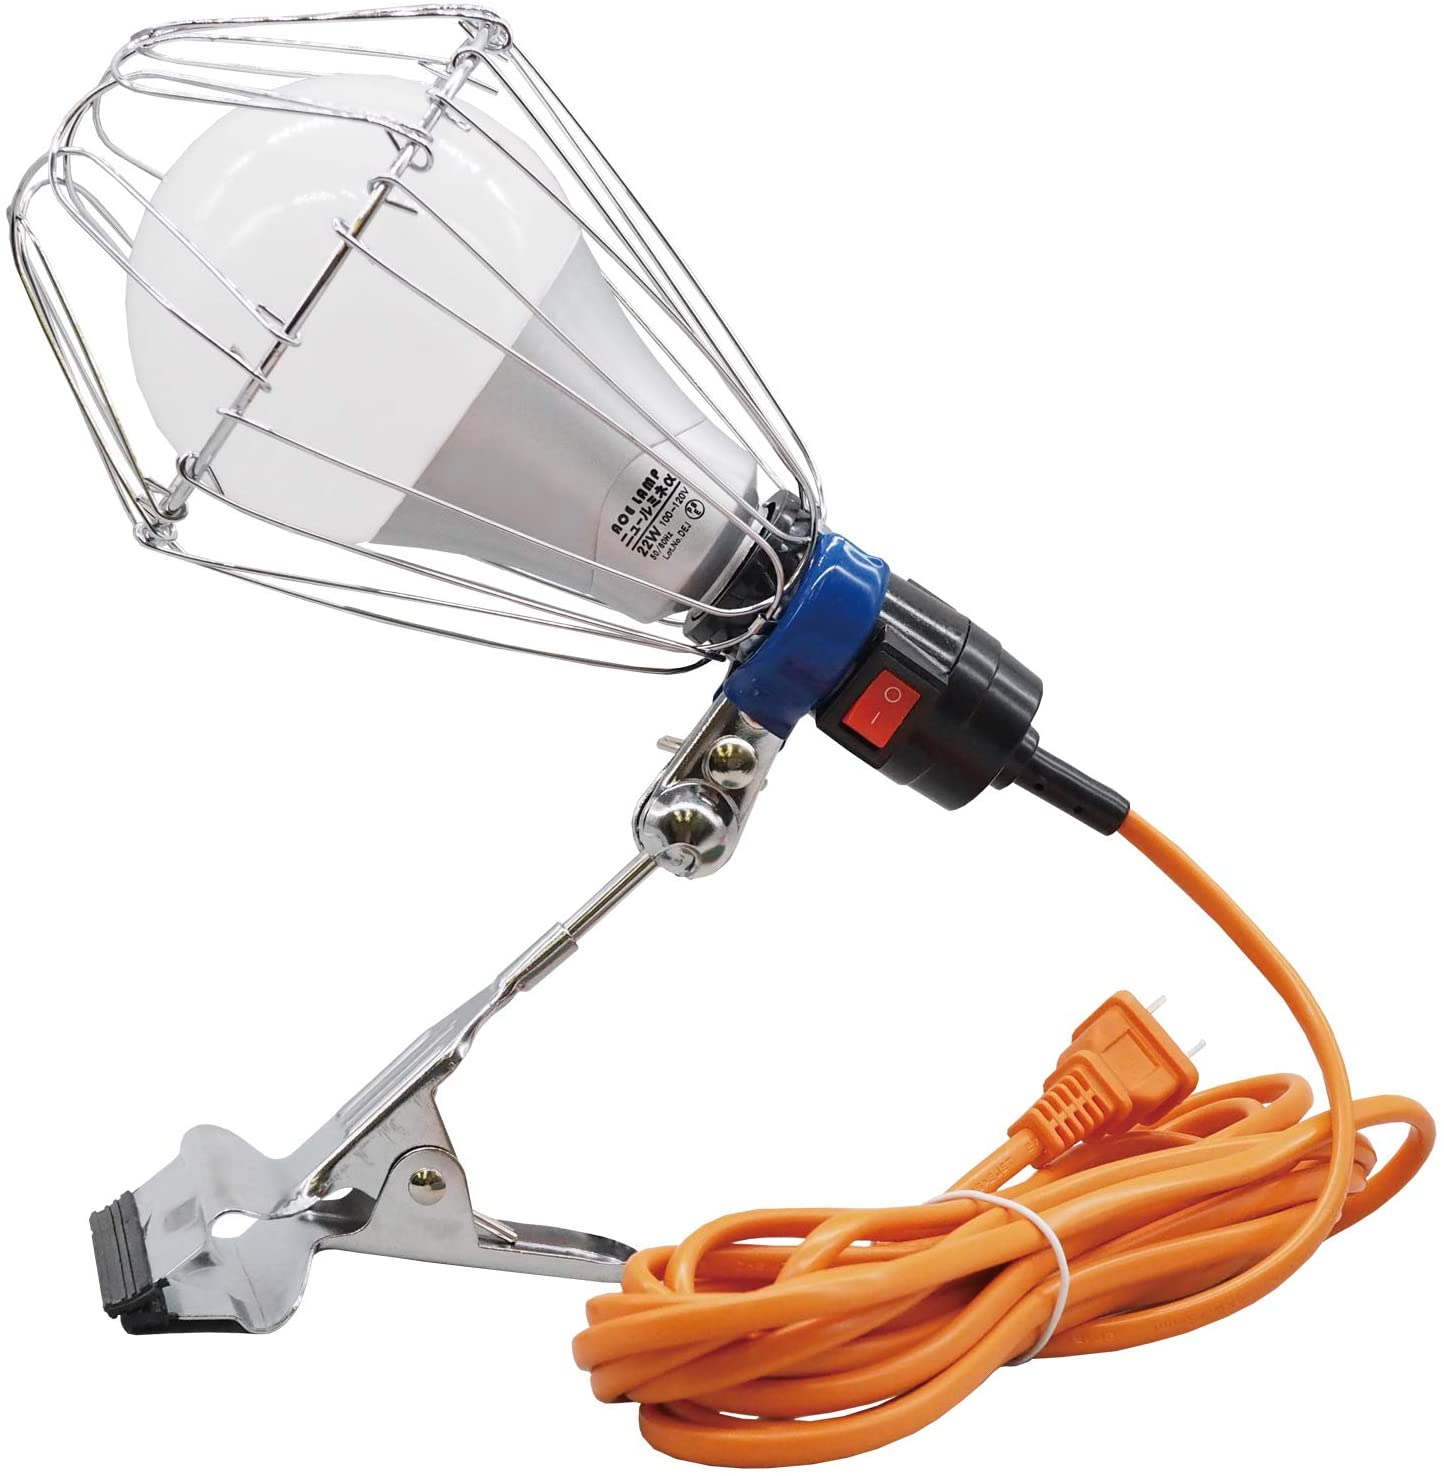 WING ACE LED電球付 注文後の変更キャンセル返品 卸売り 屋内用クリップランプ アルファ 5mコード LA-2205A-LED ニュールミネα